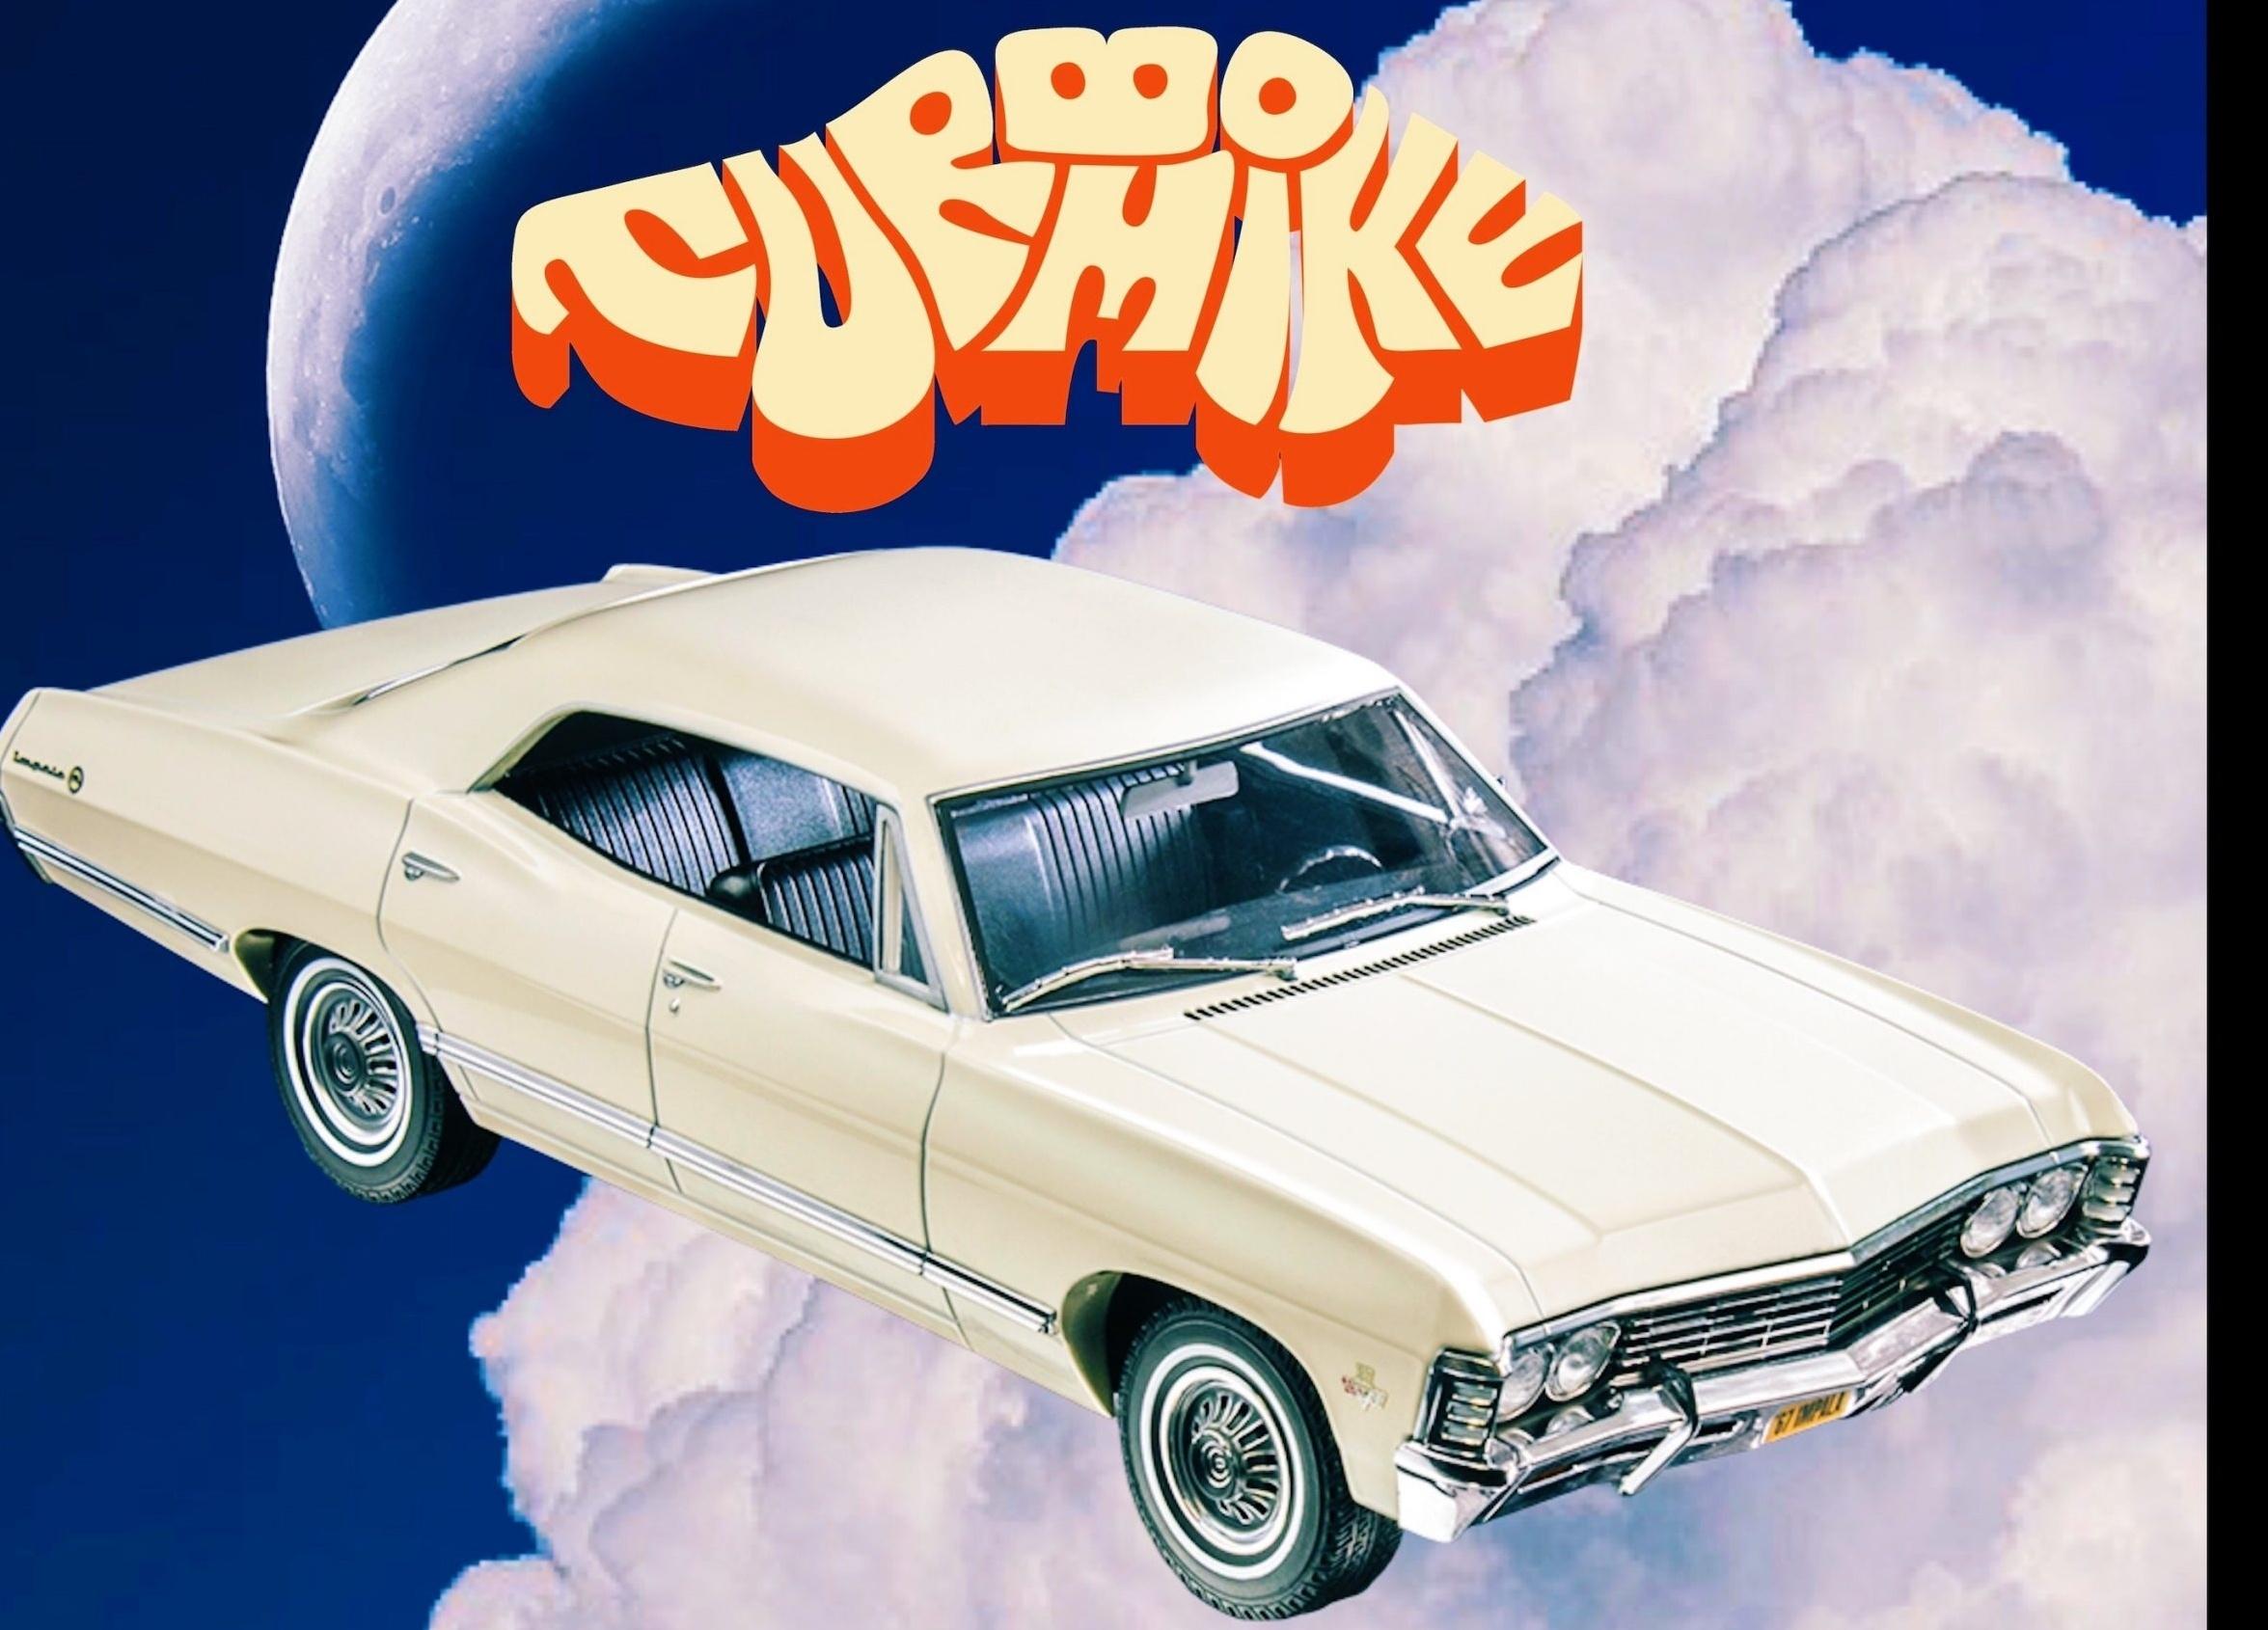 Turbomike lanza su primer single homónimo